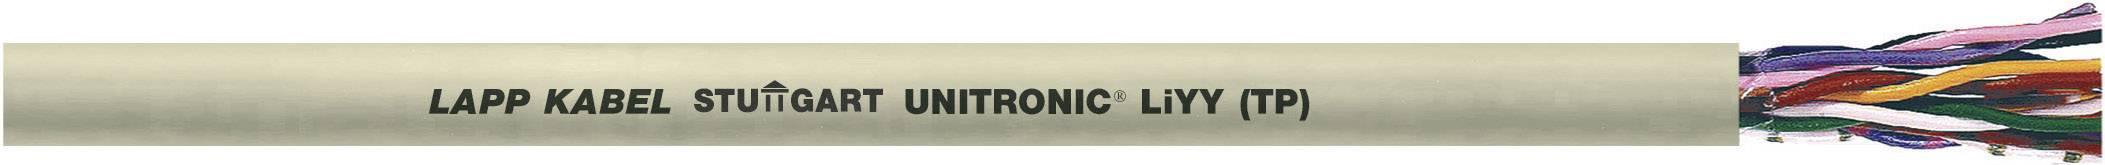 Dátový kábel LappKabel 0035160 UNITRONIC® LiYY (TP), 2 x 2 x 0.25 mm², sivá, metrový tovar